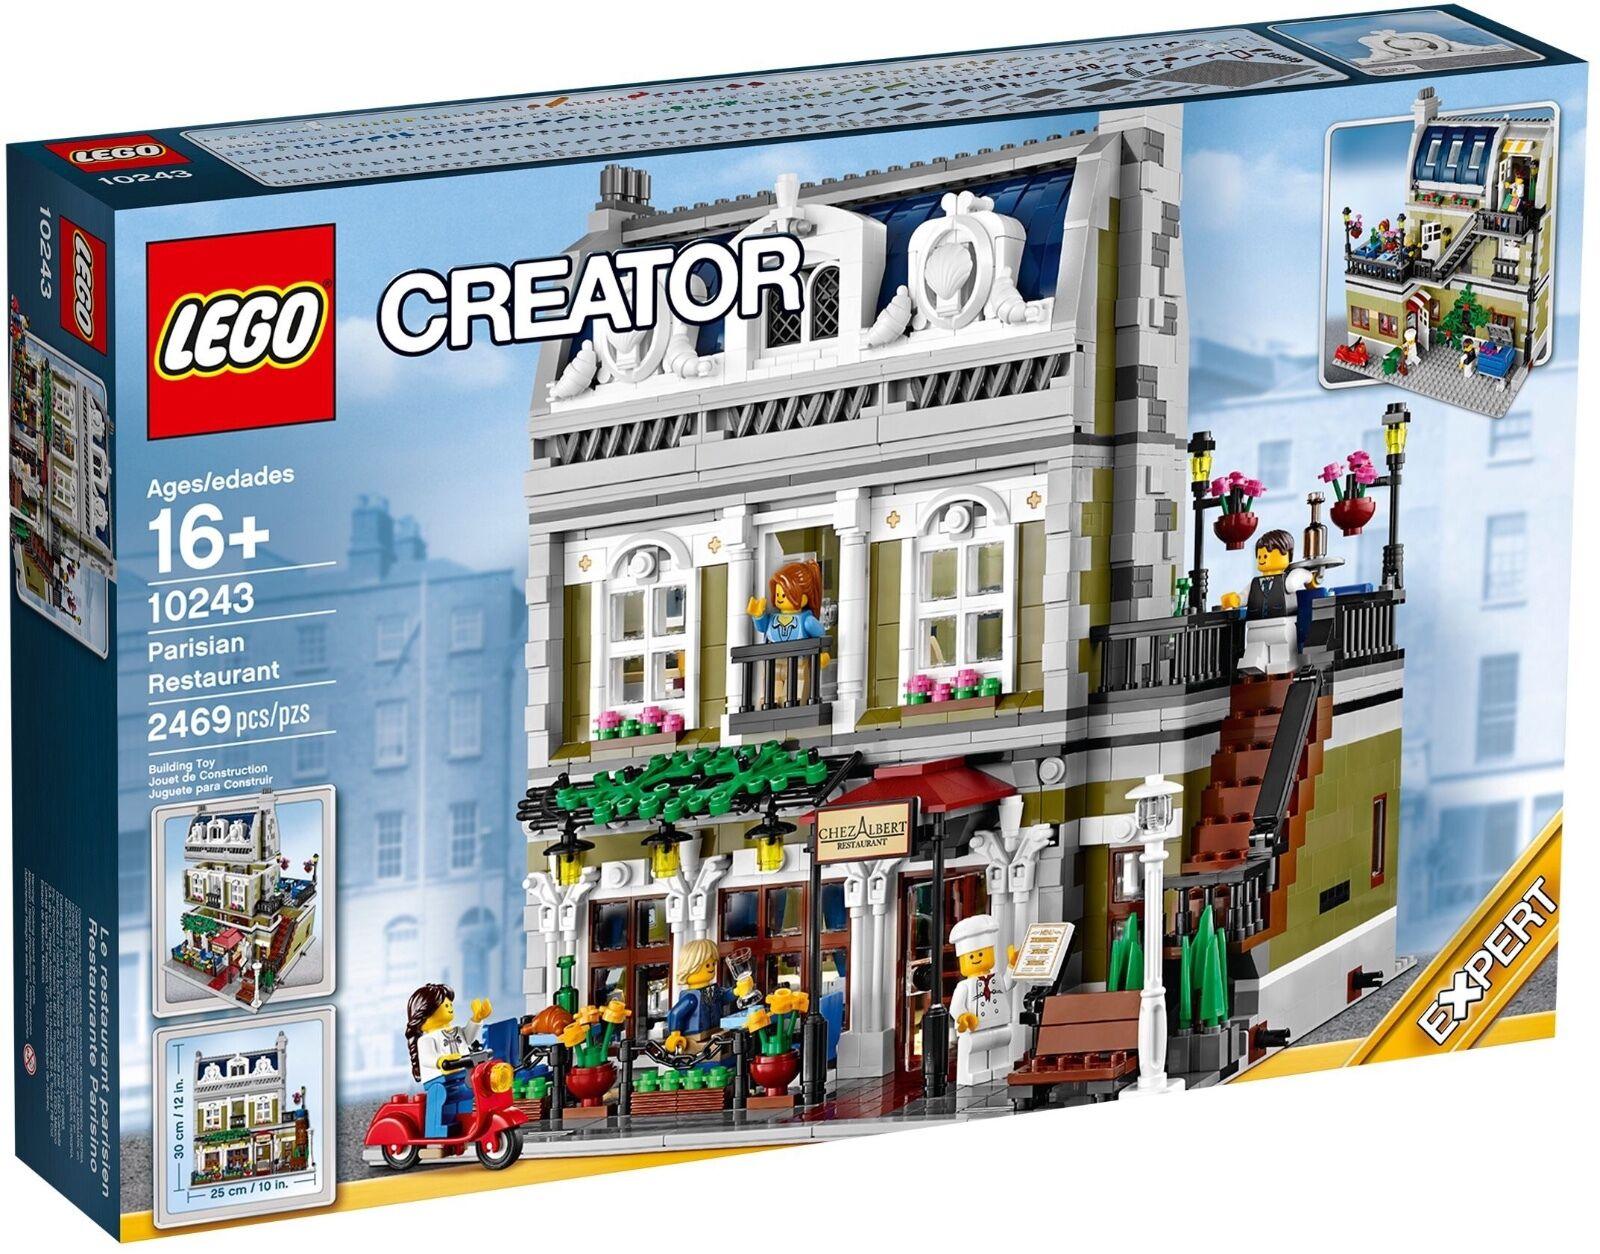 Lego restaurant parisien 10243 créateur, modulaire  DGSIM Neuf, Scellé  Livraison Gratuite